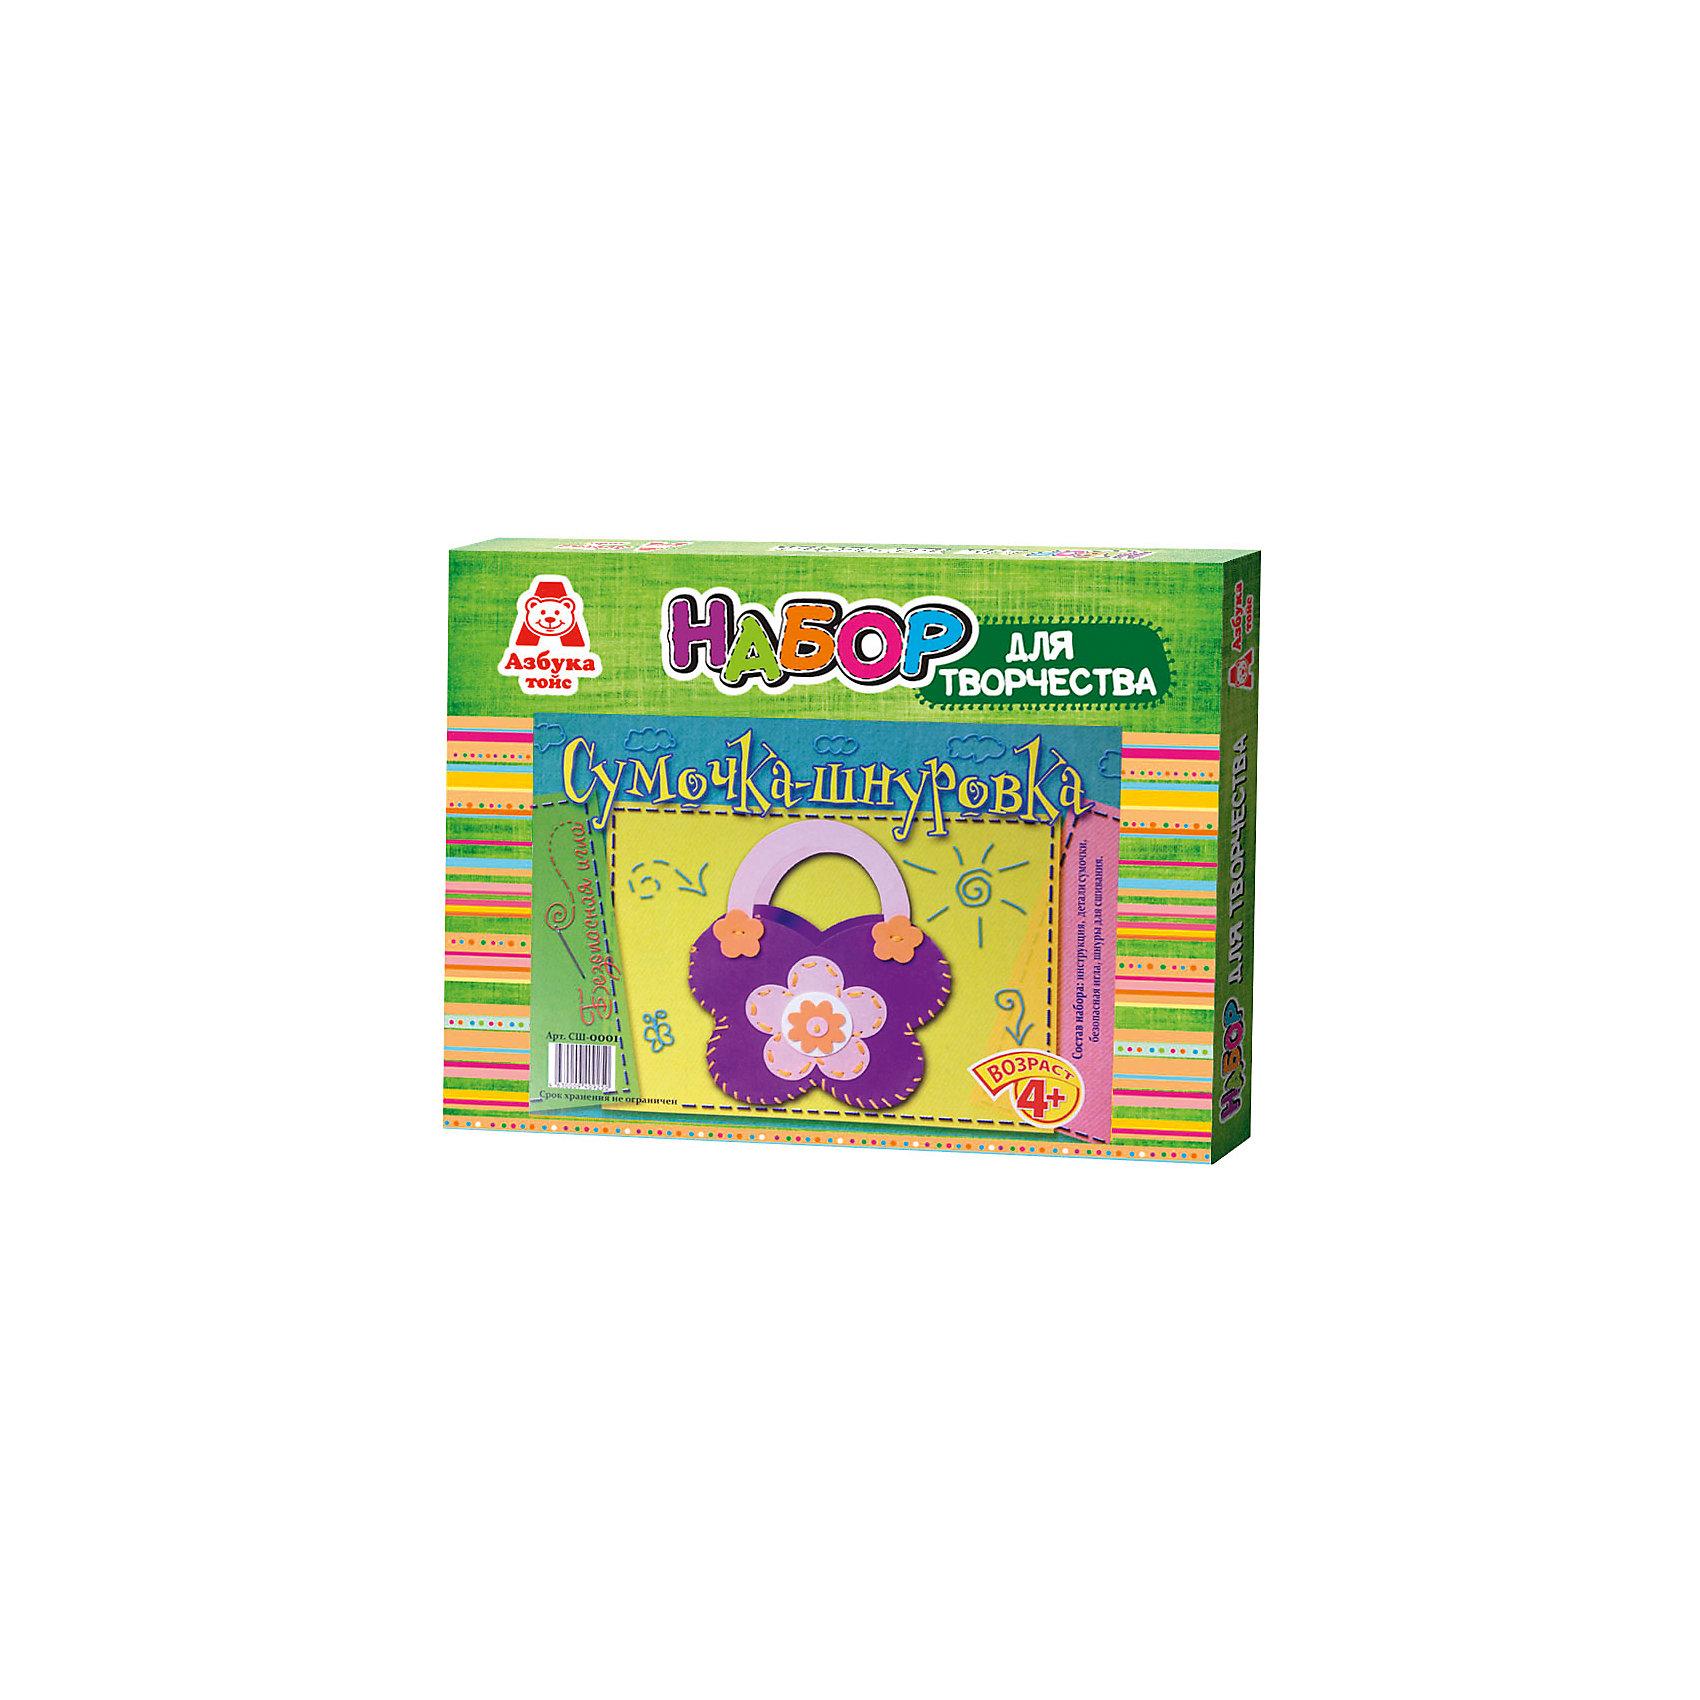 Сумочка-шнуровка фиолетоваяРукоделие<br>Характеристики товара:<br><br>• цвет: фиолетовый<br>• упаковка: коробка<br>• материал: текстиль<br>• возраст: 4+<br>• масса: 115 г<br>• габариты: 280х30х210 мм<br>• комплектация: детали сумки, безопасная игла, шнуры для сшивания<br>• страна бренда: РФ<br>• страна изготовитель: РФ<br><br>Творчество – неотъемлемая часть жизни малыша. Разнообразие занятий развивает всевозможные стороны маленького человека. Так, шнуровка отлично улучшает усидчивость, внимательность, способность к концентрации и мелкую моторику ребенка. Сделать сумочку с помощью такого набора под силу даже малышам!<br>Набор станет отличным подарком ребенку, так как он сможет сам сделать красивую вещь для себя или в качестве подарка близким! Материалы, использованные при изготовлении товара, сертифицированы и отвечают всем международным требованиям по качеству. <br><br>Сумочку-шнуровку фиолетовую от бренда Азбука Тойс можно приобрести в нашем интернет-магазине.<br><br>Ширина мм: 280<br>Глубина мм: 30<br>Высота мм: 210<br>Вес г: 115<br>Возраст от месяцев: 48<br>Возраст до месяцев: 96<br>Пол: Женский<br>Возраст: Детский<br>SKU: 5062902